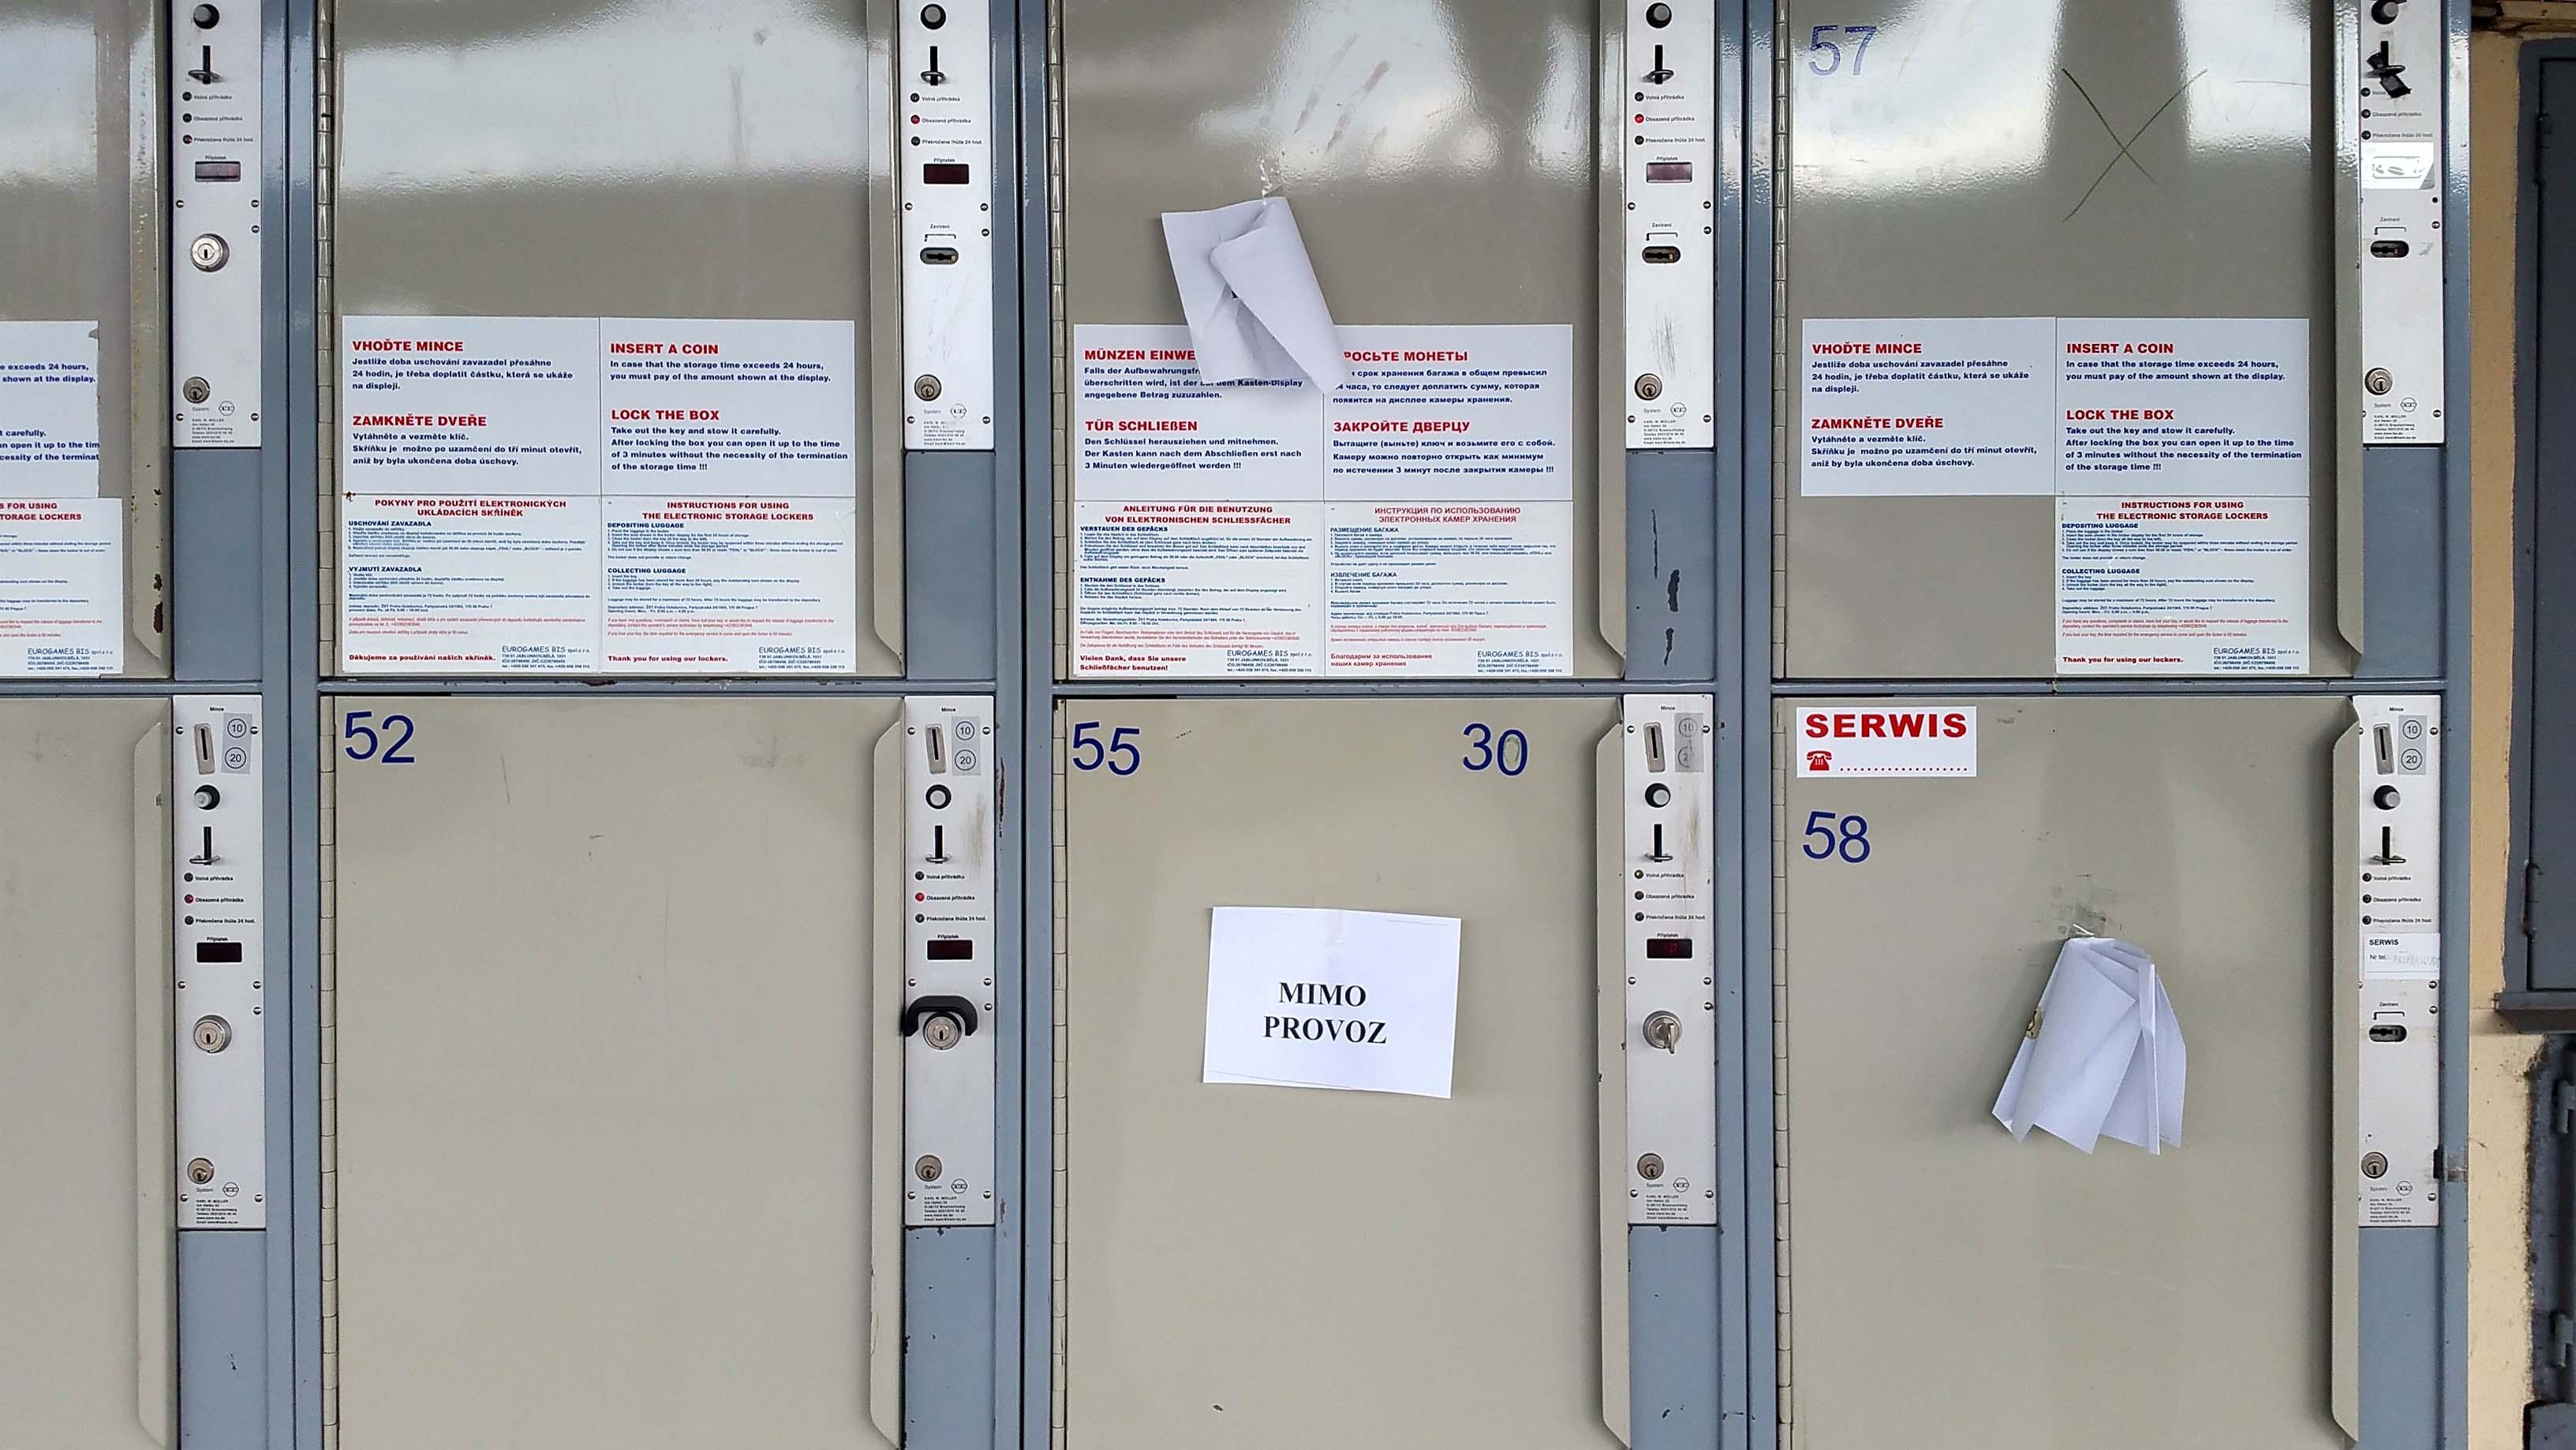 Trezory na brněnském nádraží - za kolik?